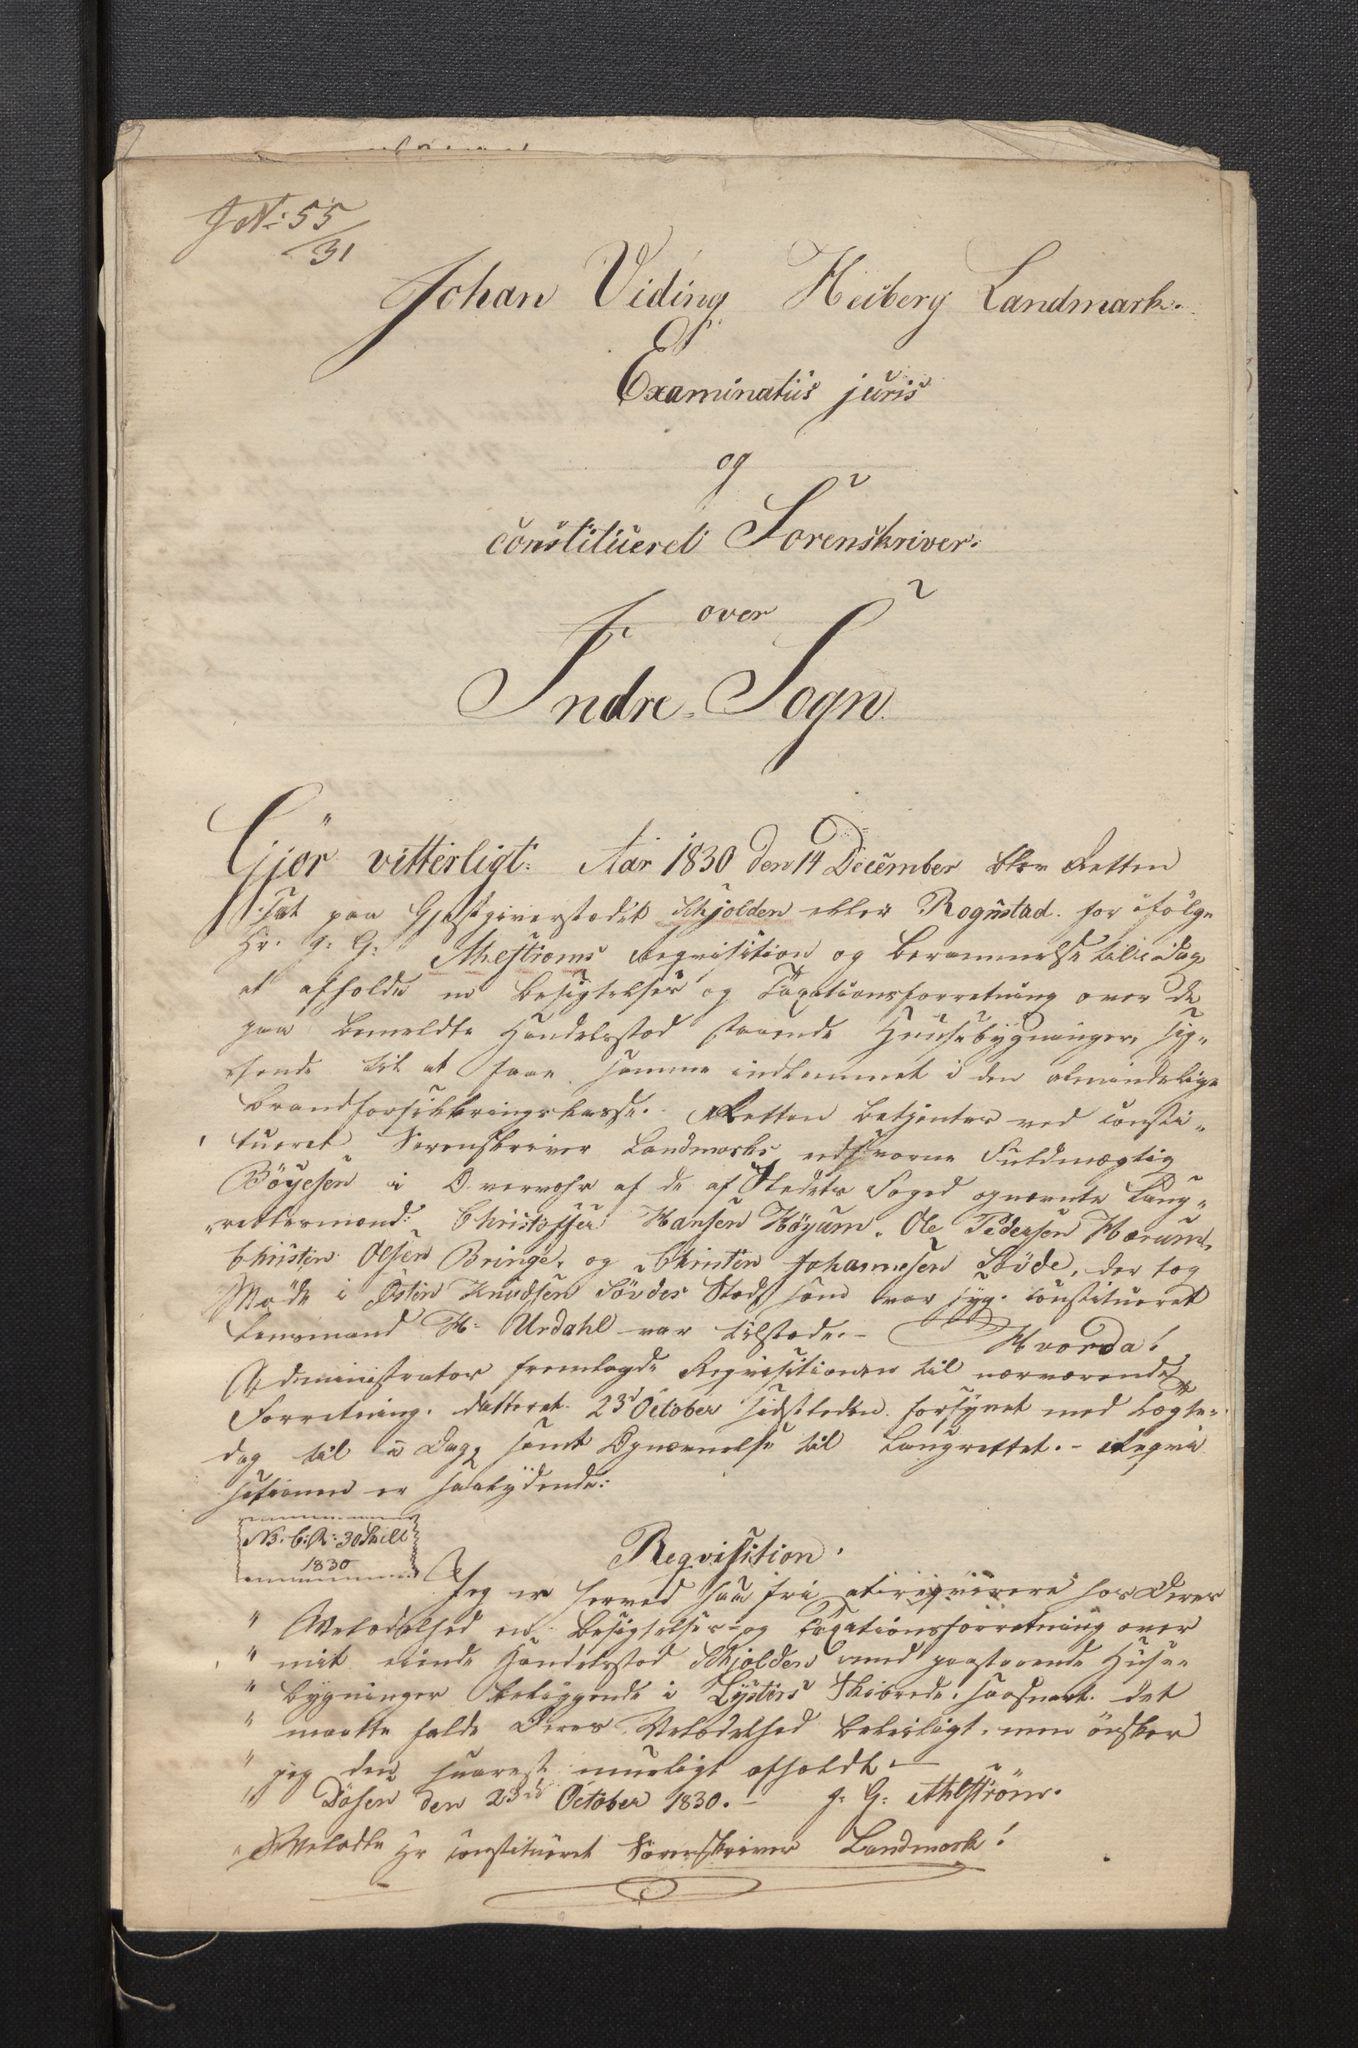 SAB, Lensmannen i Luster, 0012/L0001: Branntakstar, 1830-1845